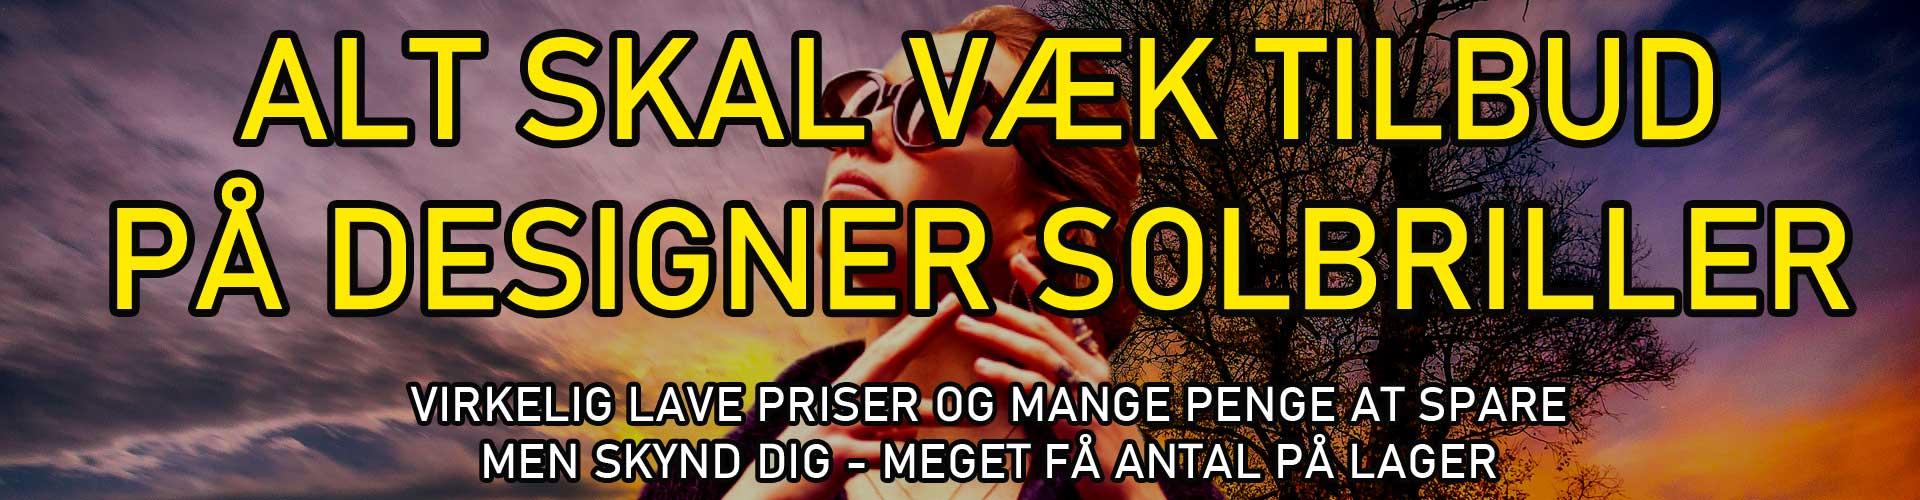 aLT-SKAL-VÆK-TILBUD